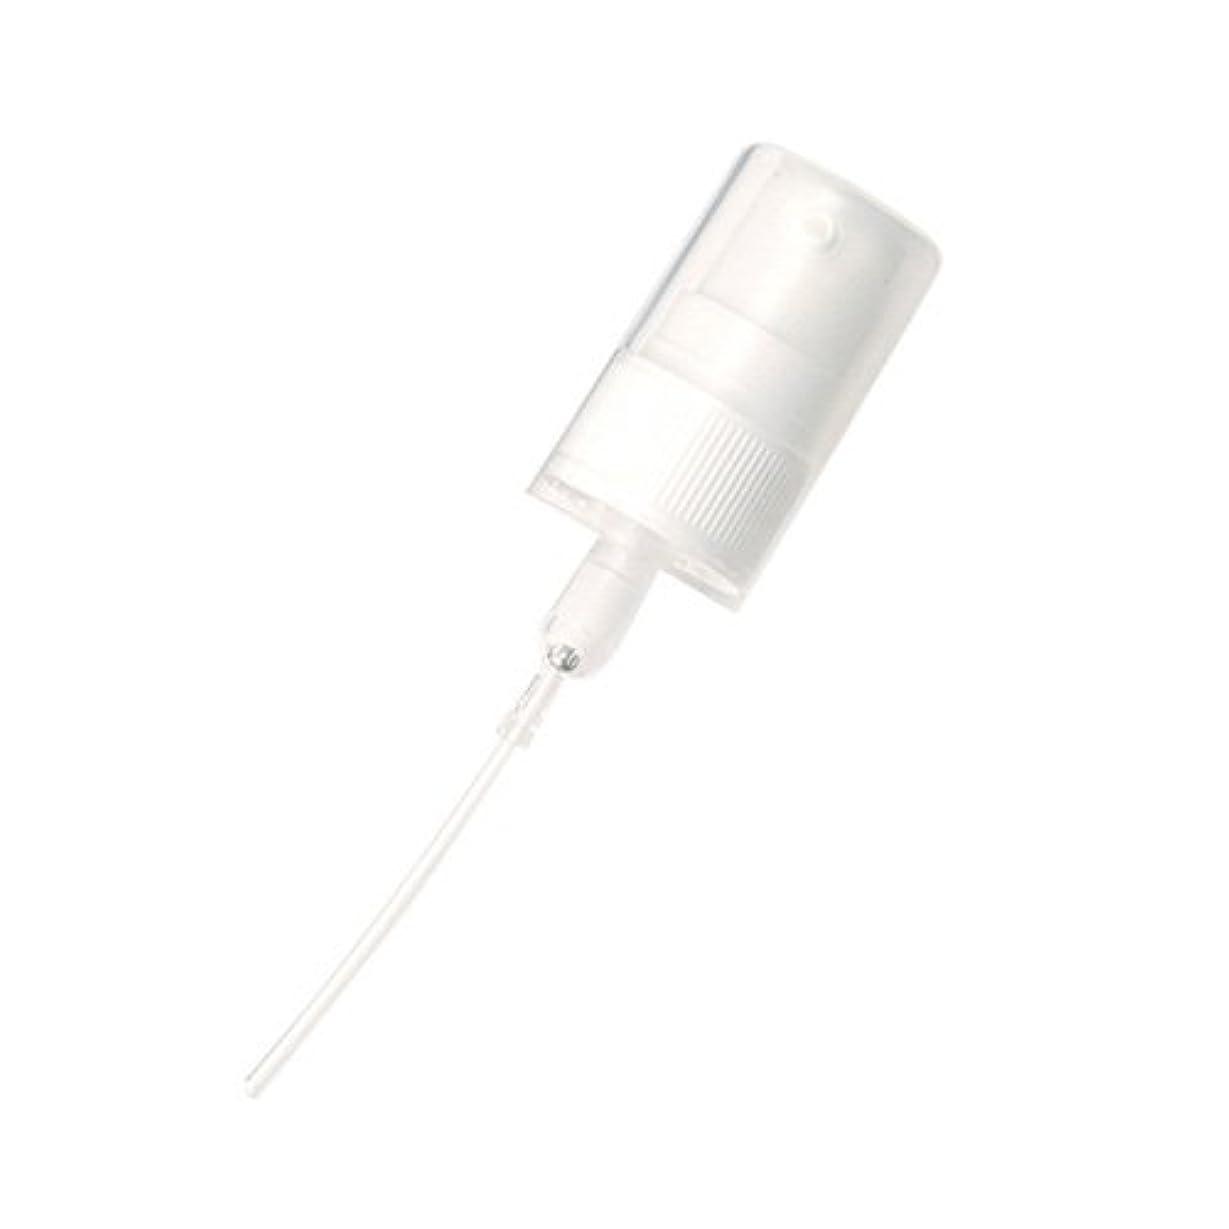 エキゾチック防水はげ生活の木マッサージオイル専用ドロップポンプ付け替え用 直径24×105(mm)